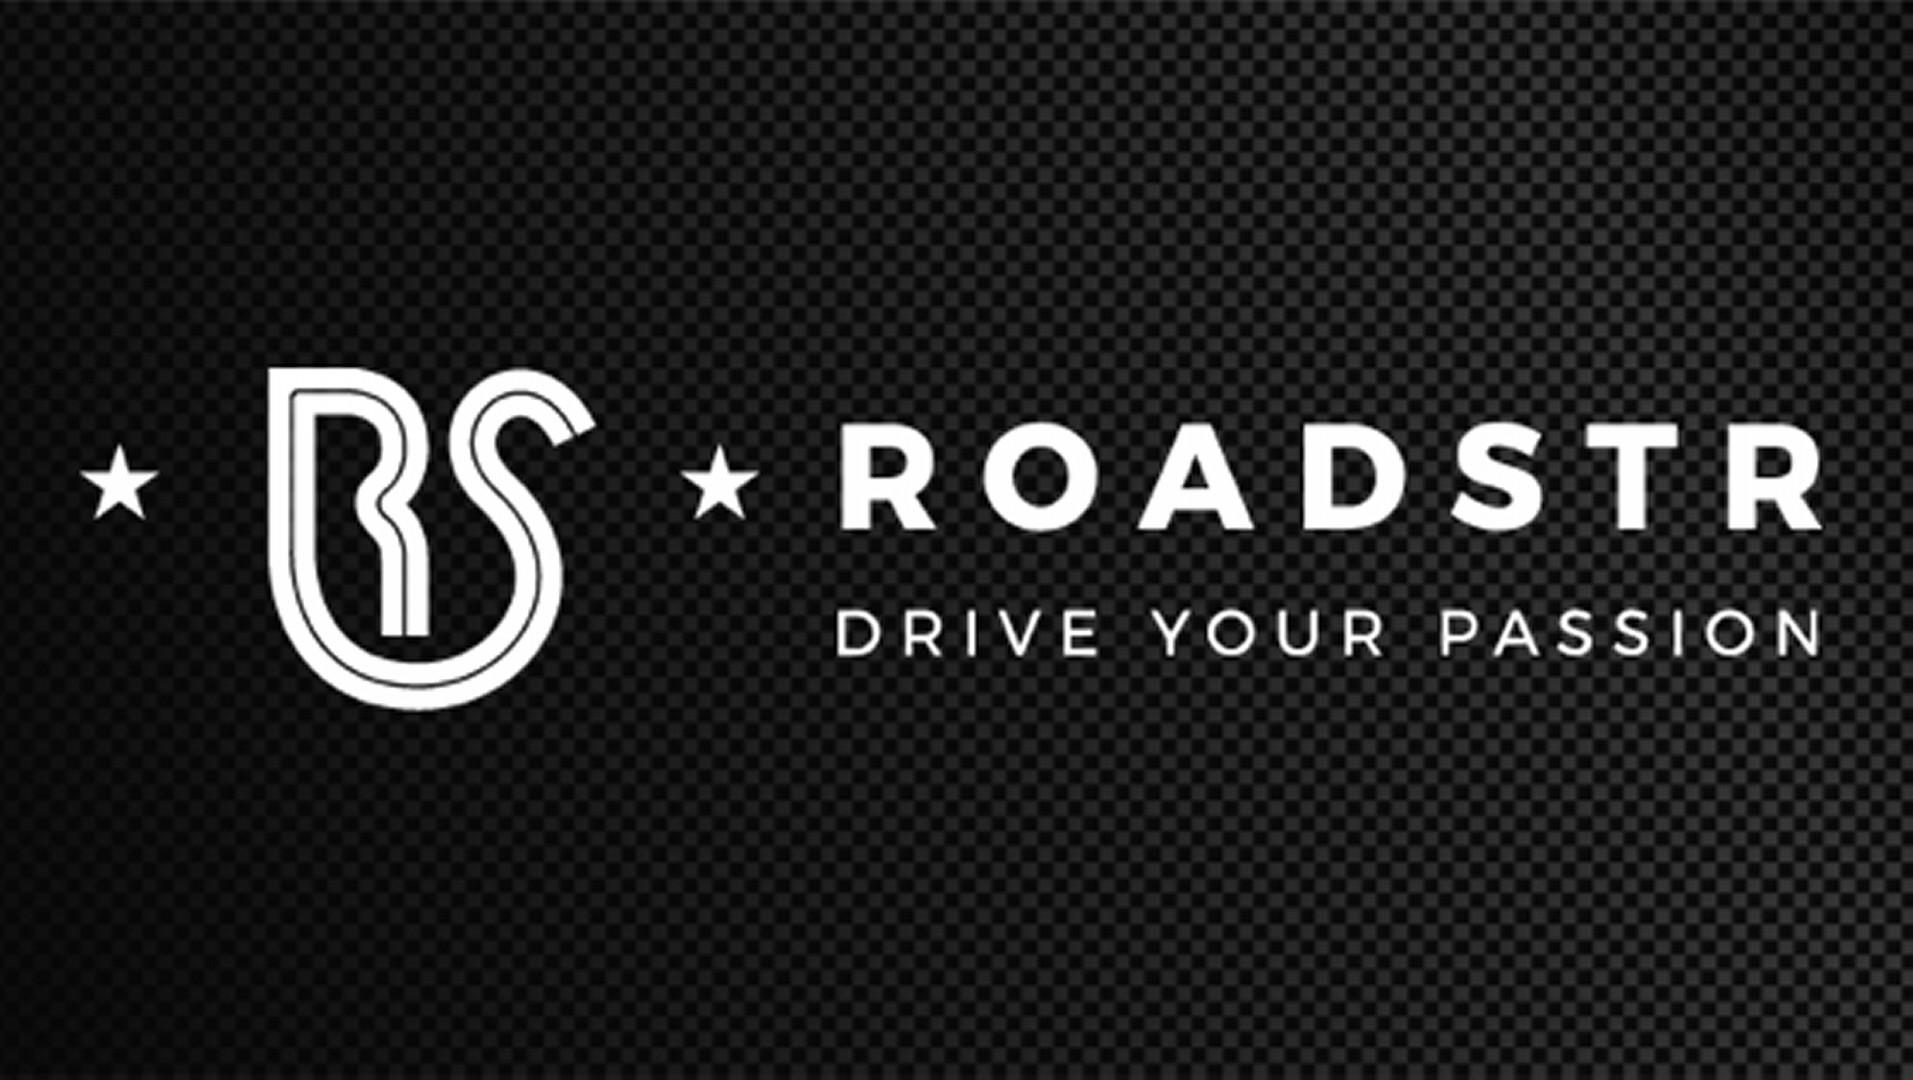 ¿Con ganas de salir de ruta con el coche? Prueba RoadStr 2.0